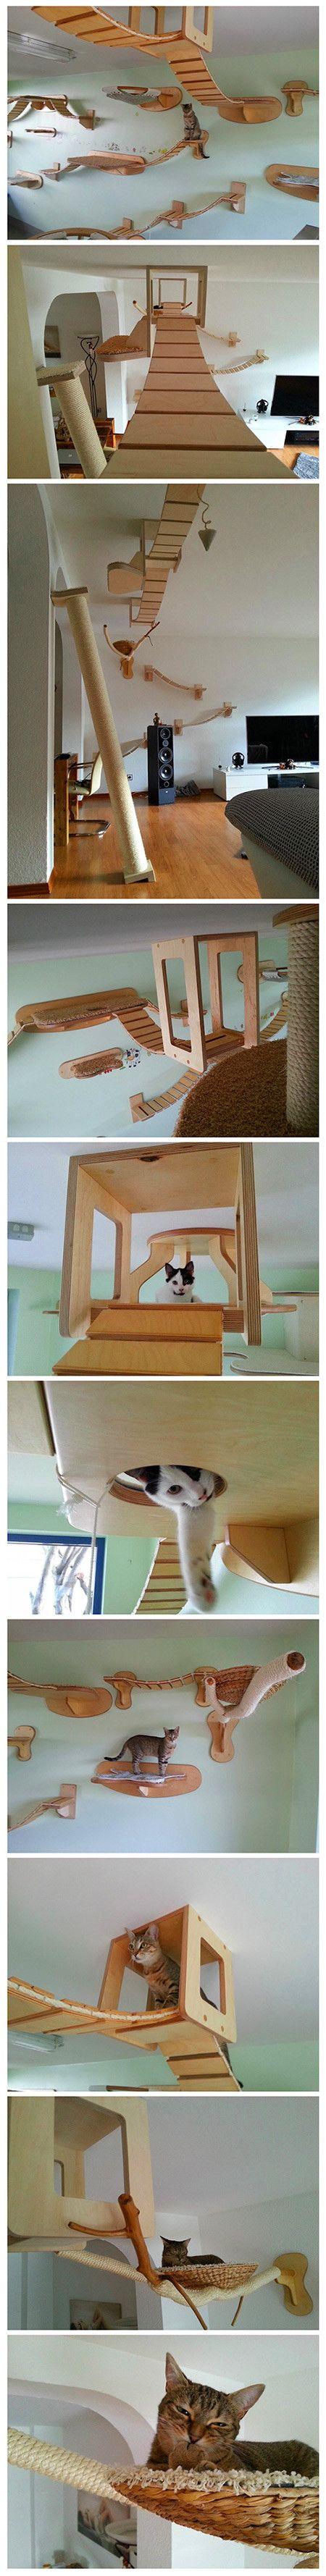 Freaks verwandeln Raum in eine riesige ausgesetzte Katze-Spielplatz